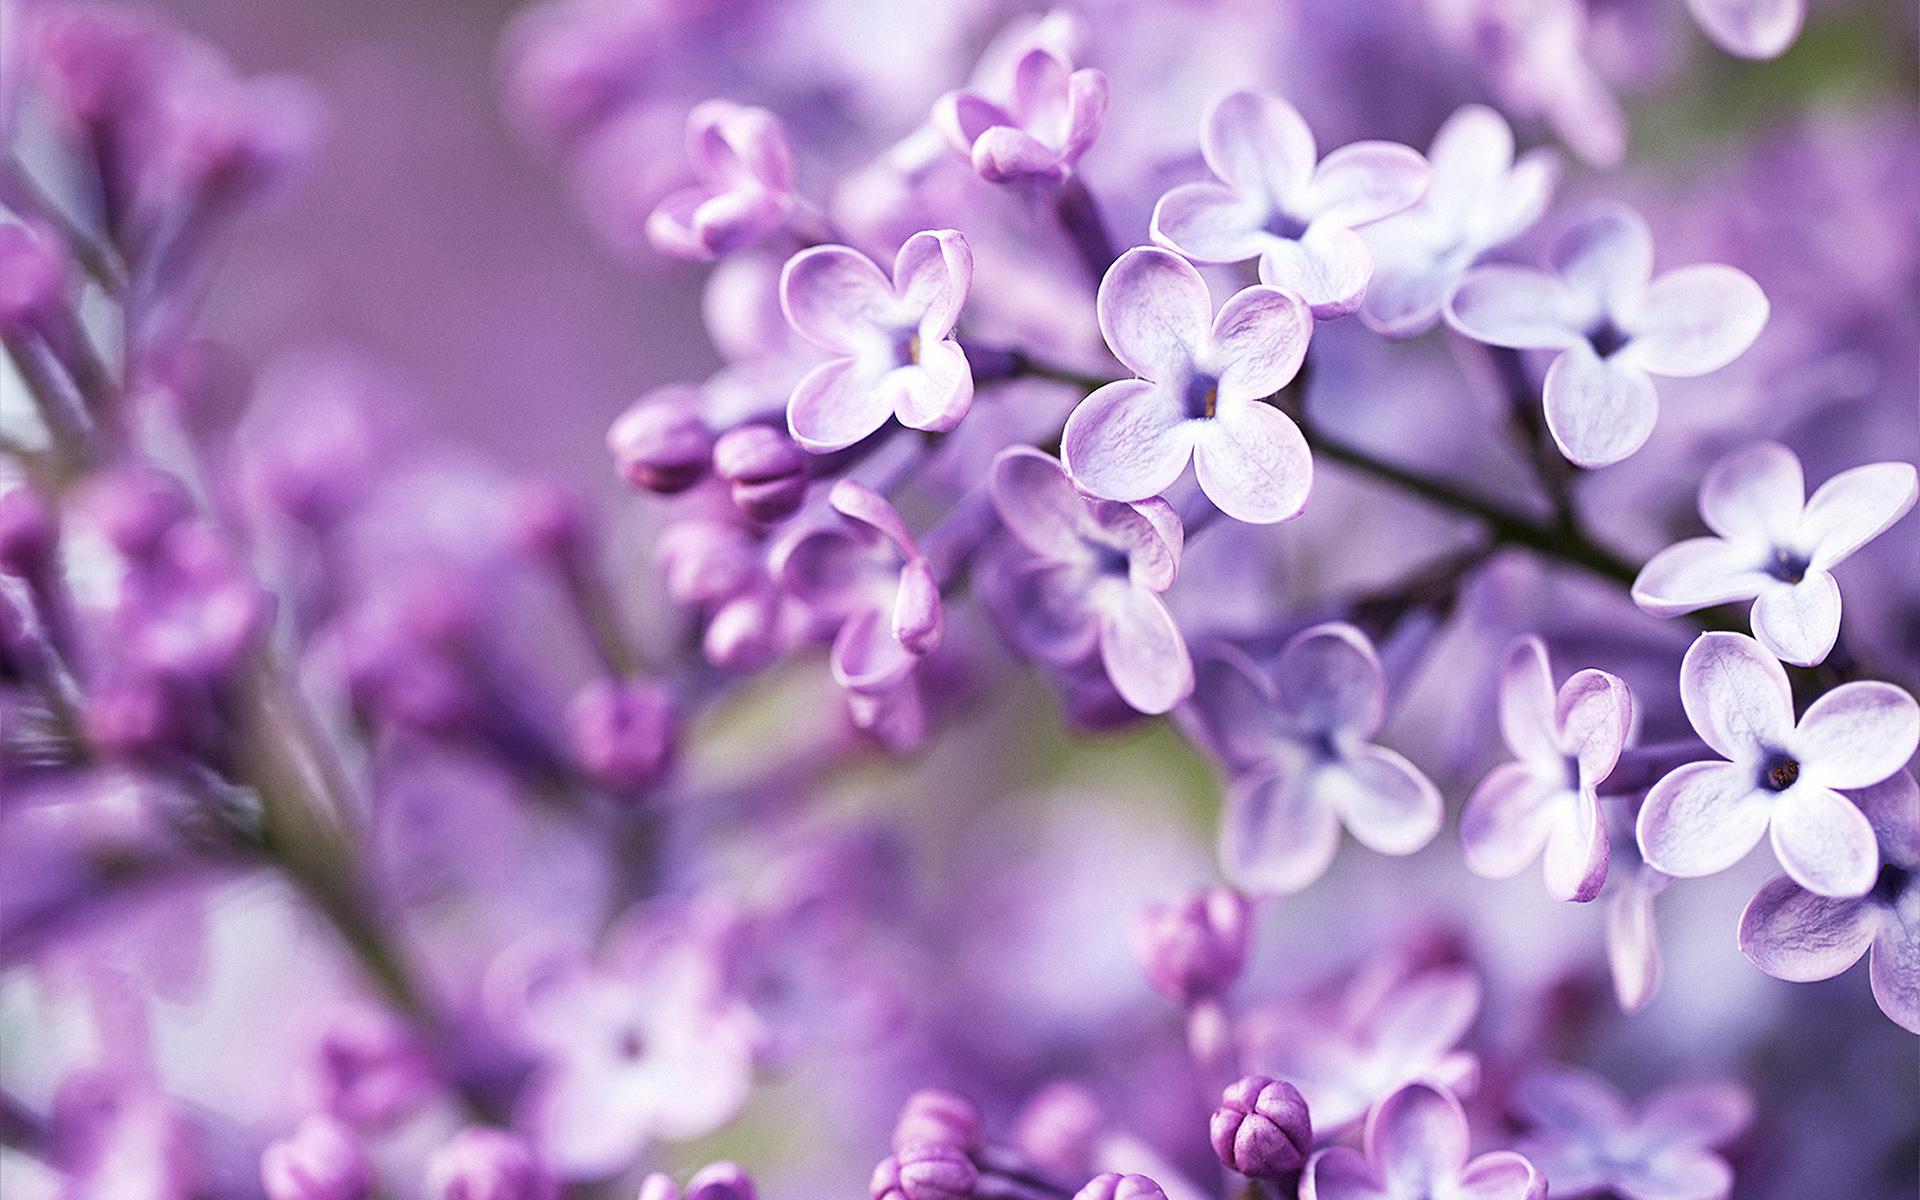 цветок фиолетовый  № 814195 загрузить